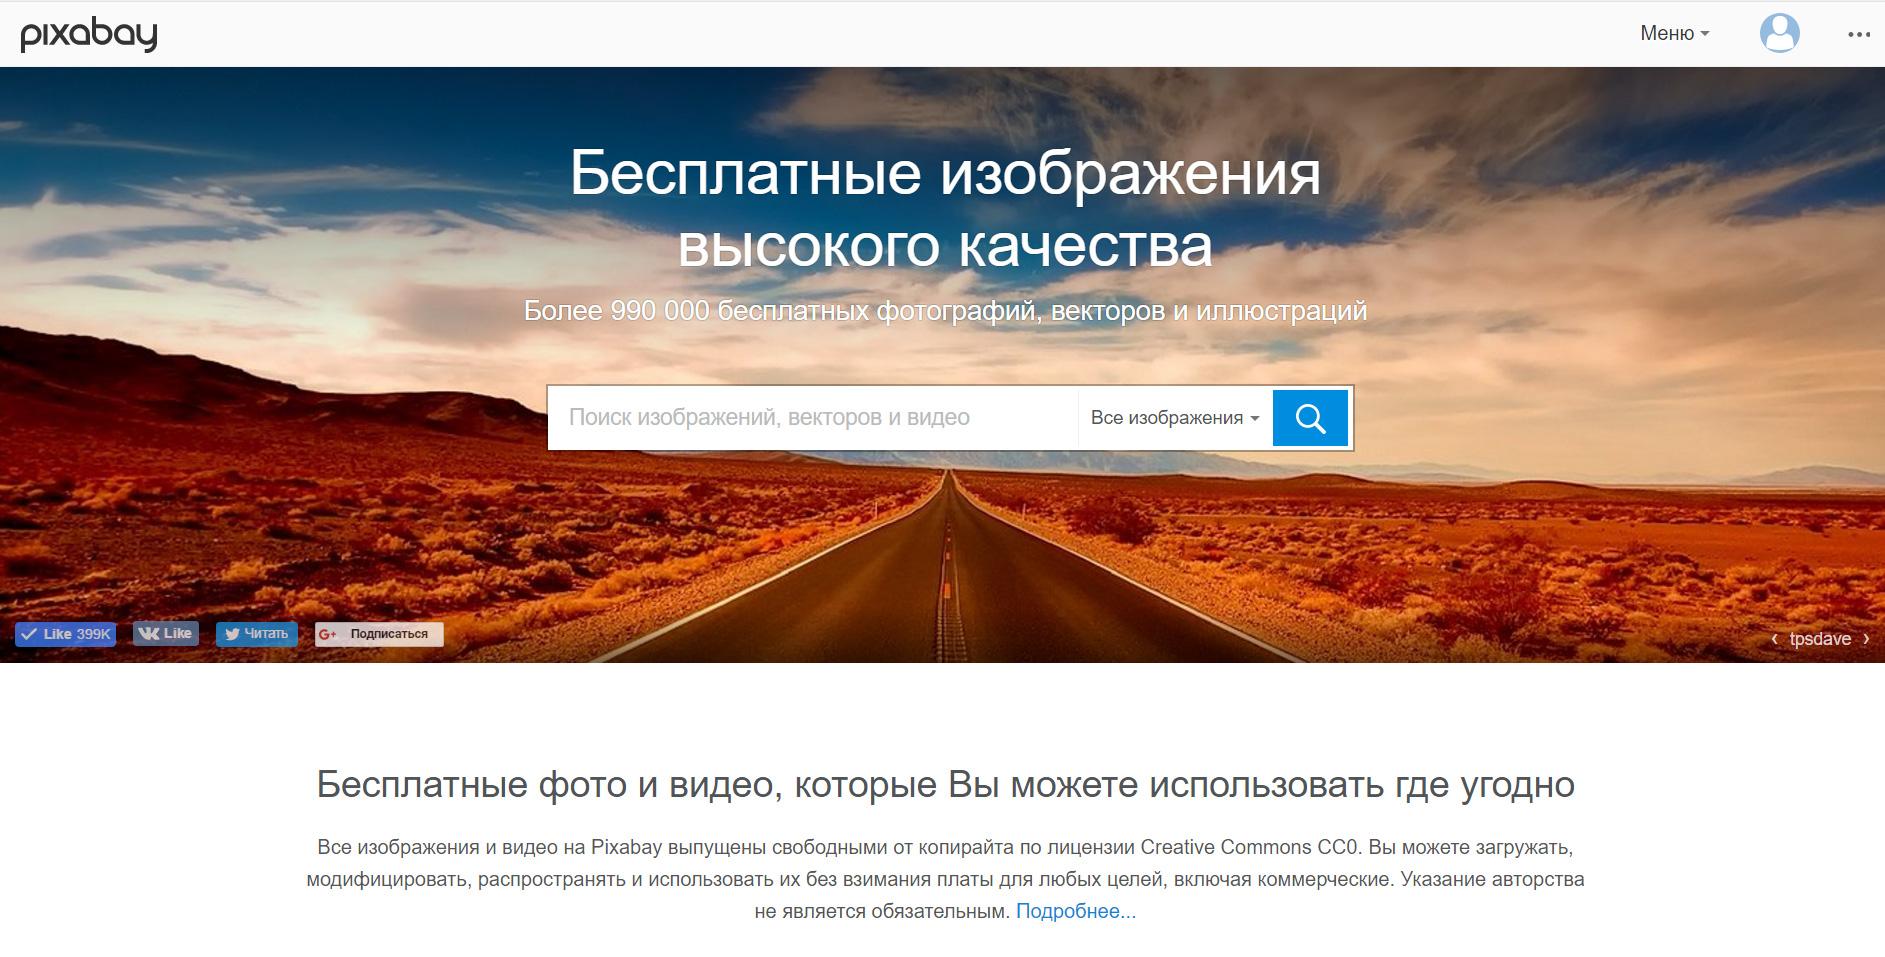 бесплатные фото и видео на pixabay